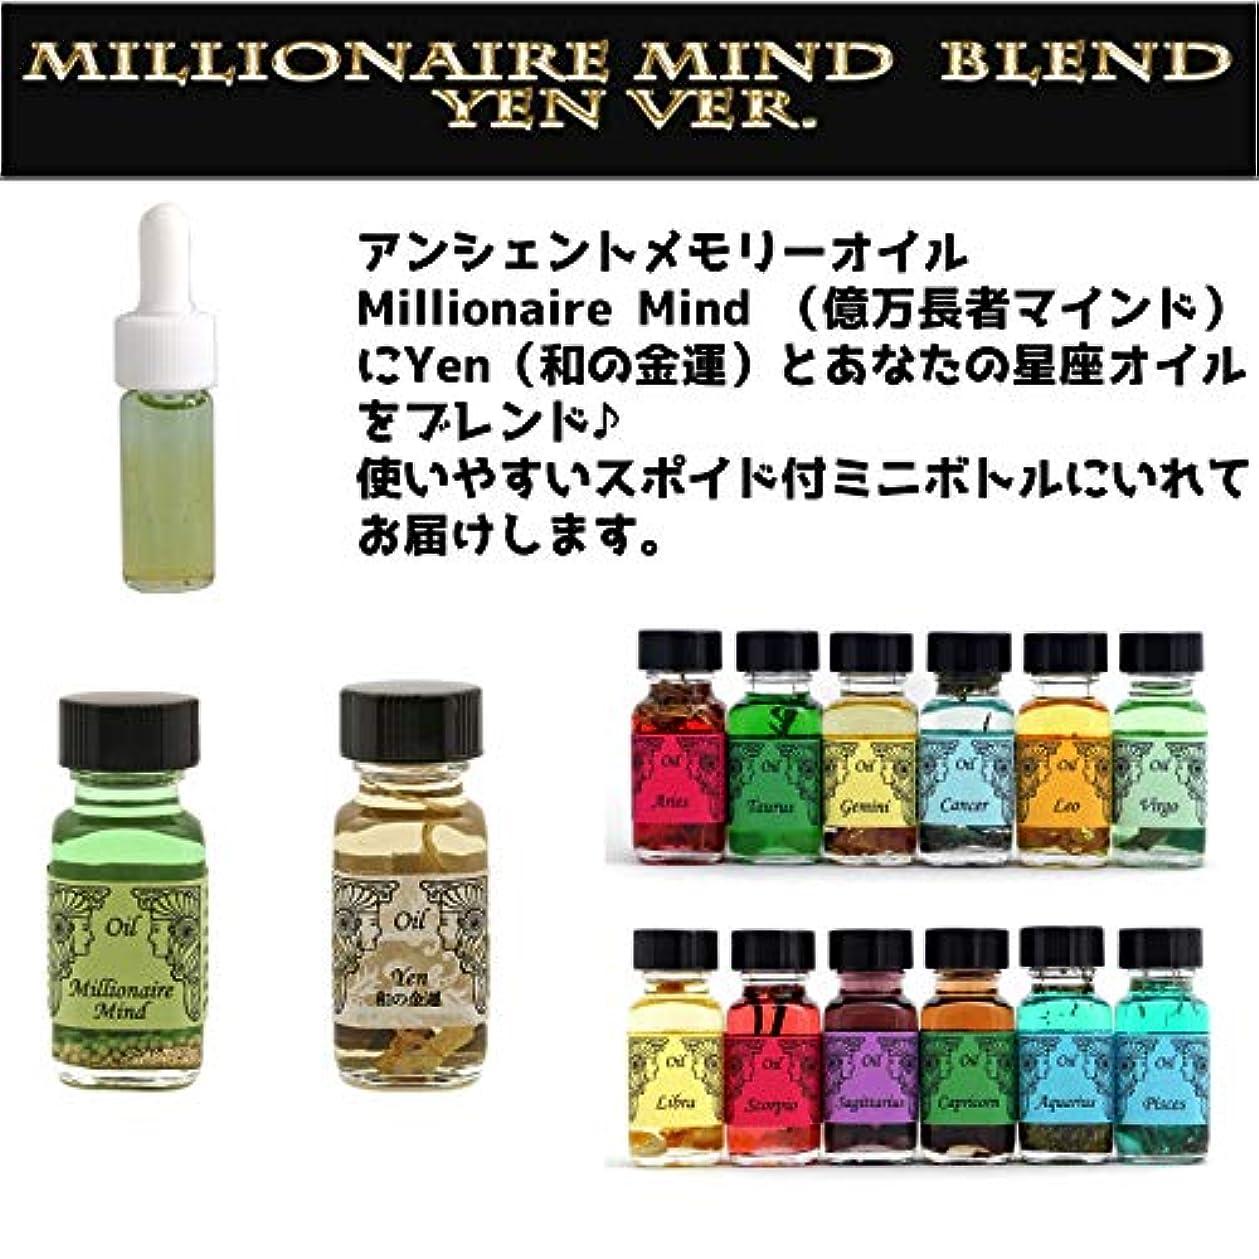 意外定常フォーマットアンシェントメモリーオイル Millionaire Mind 億万長者マインド ブレンド【Yen 和の金運&やぎ座】